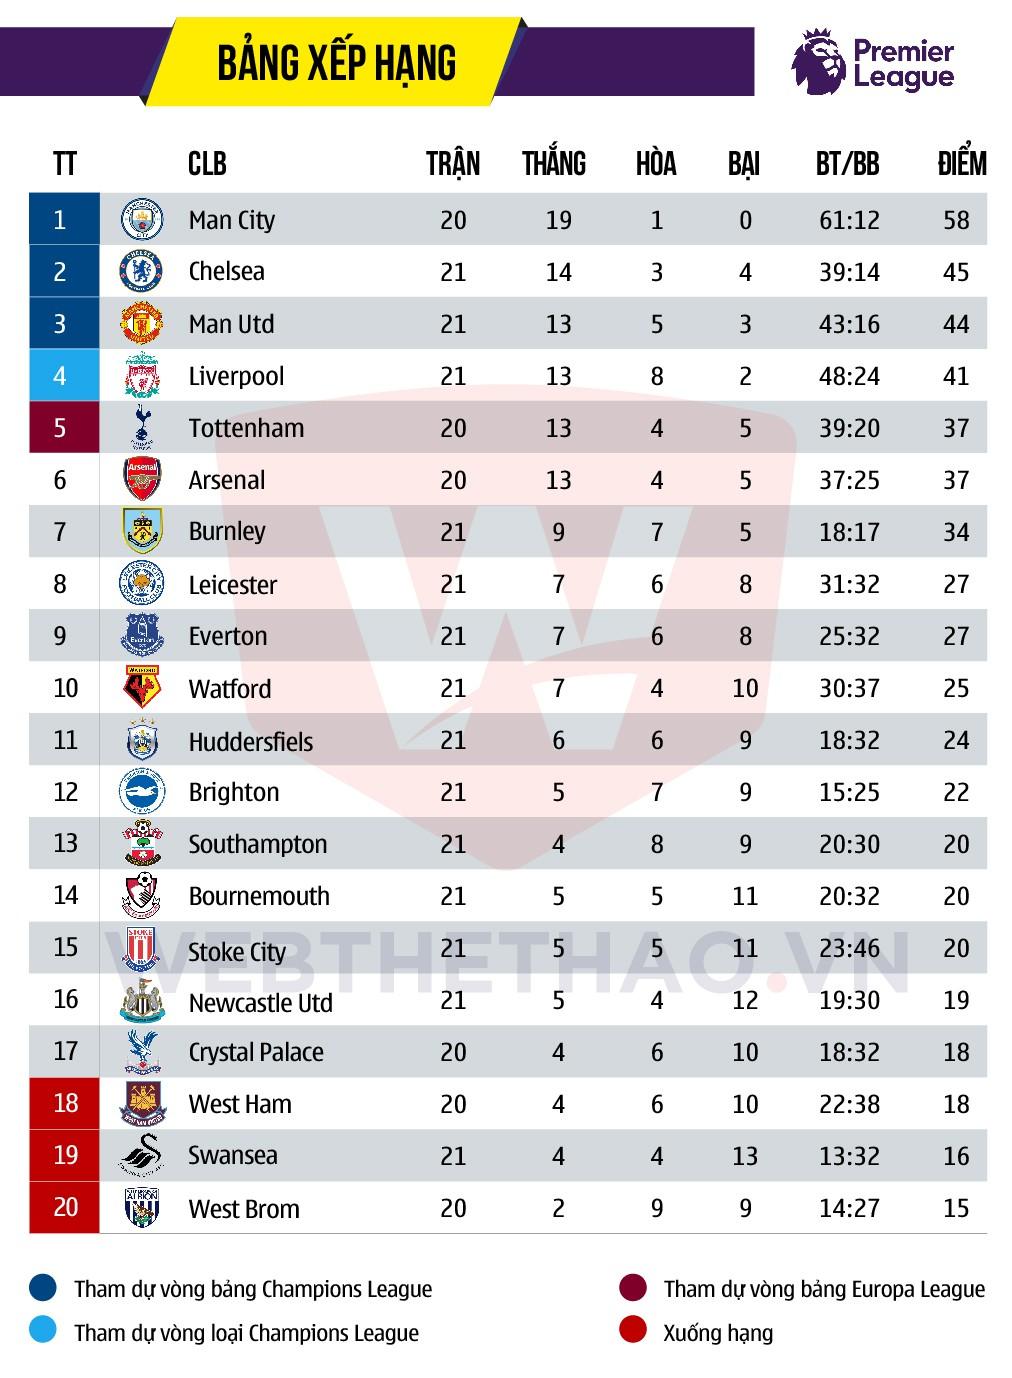 Hình ảnh: Man Utd rơi xuống vị trí thứ 3 trên BXH